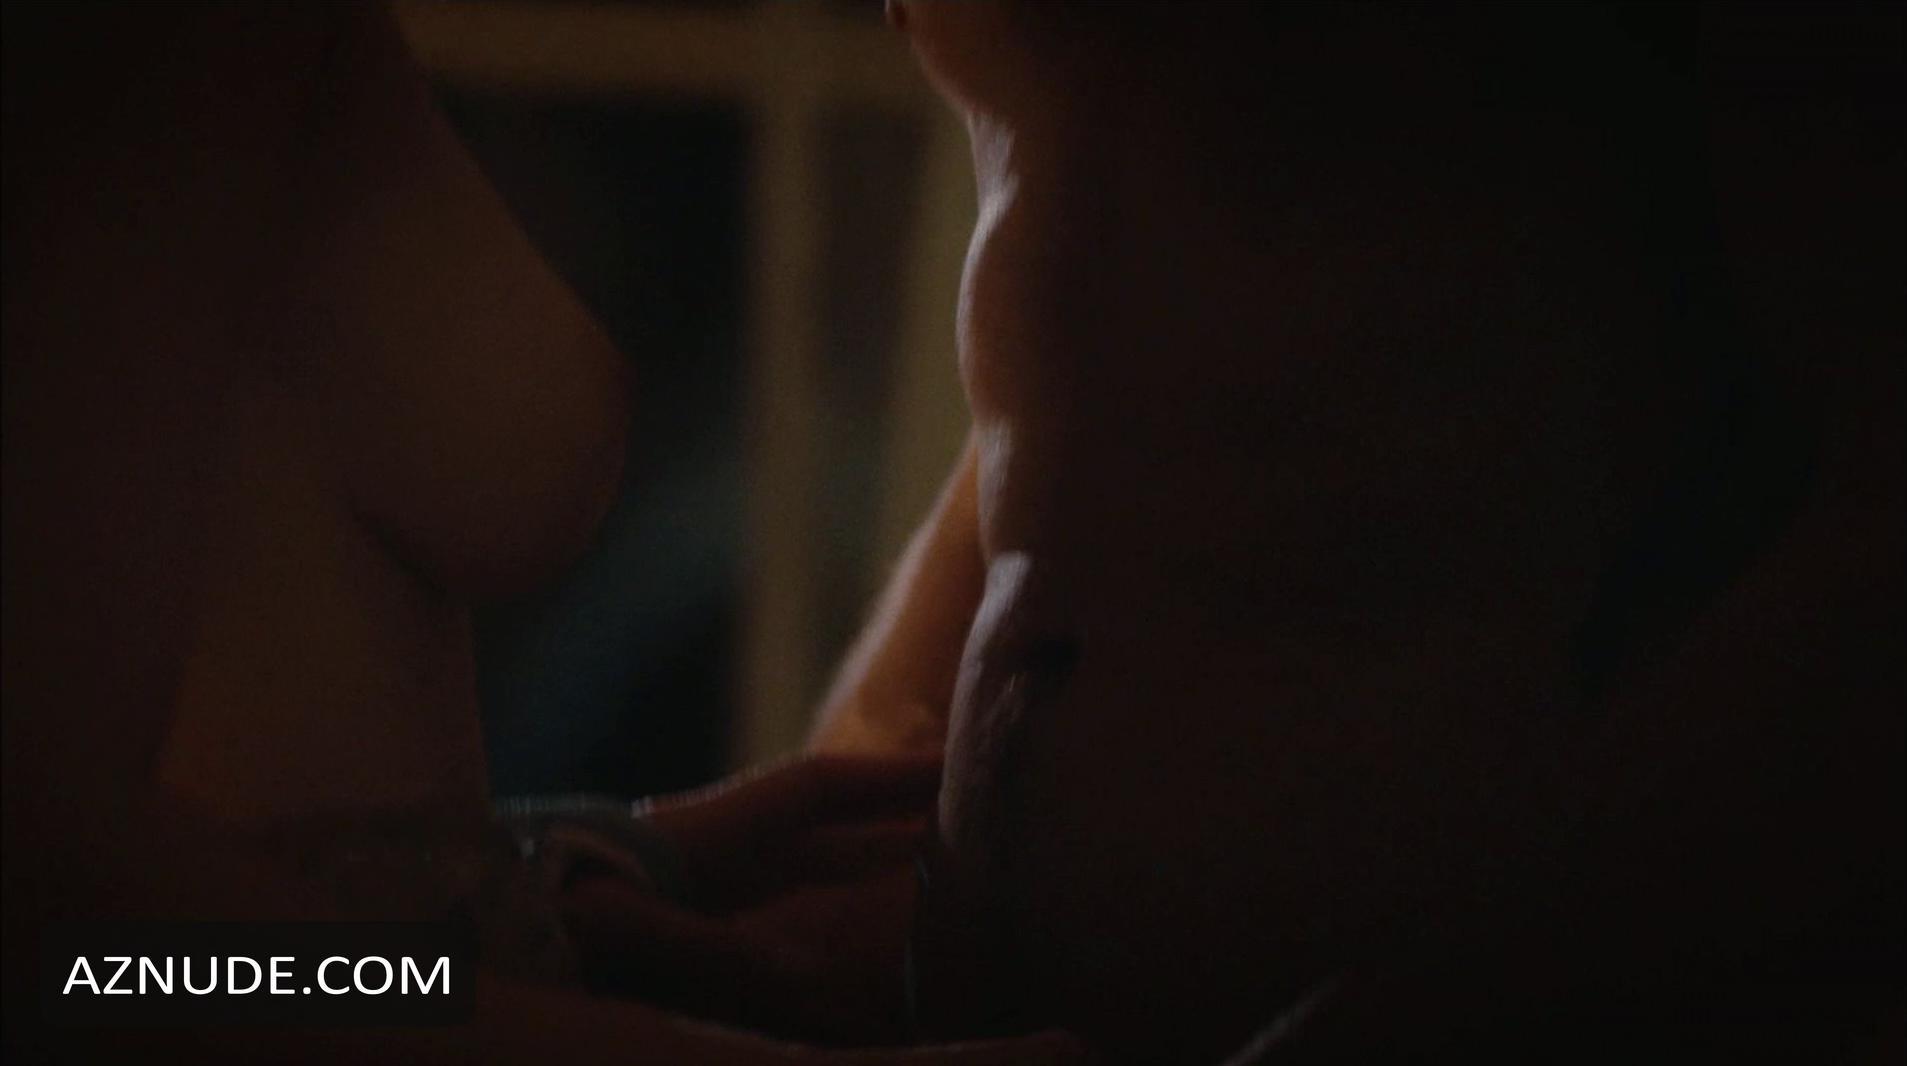 Fred durst sex tape parody best porno